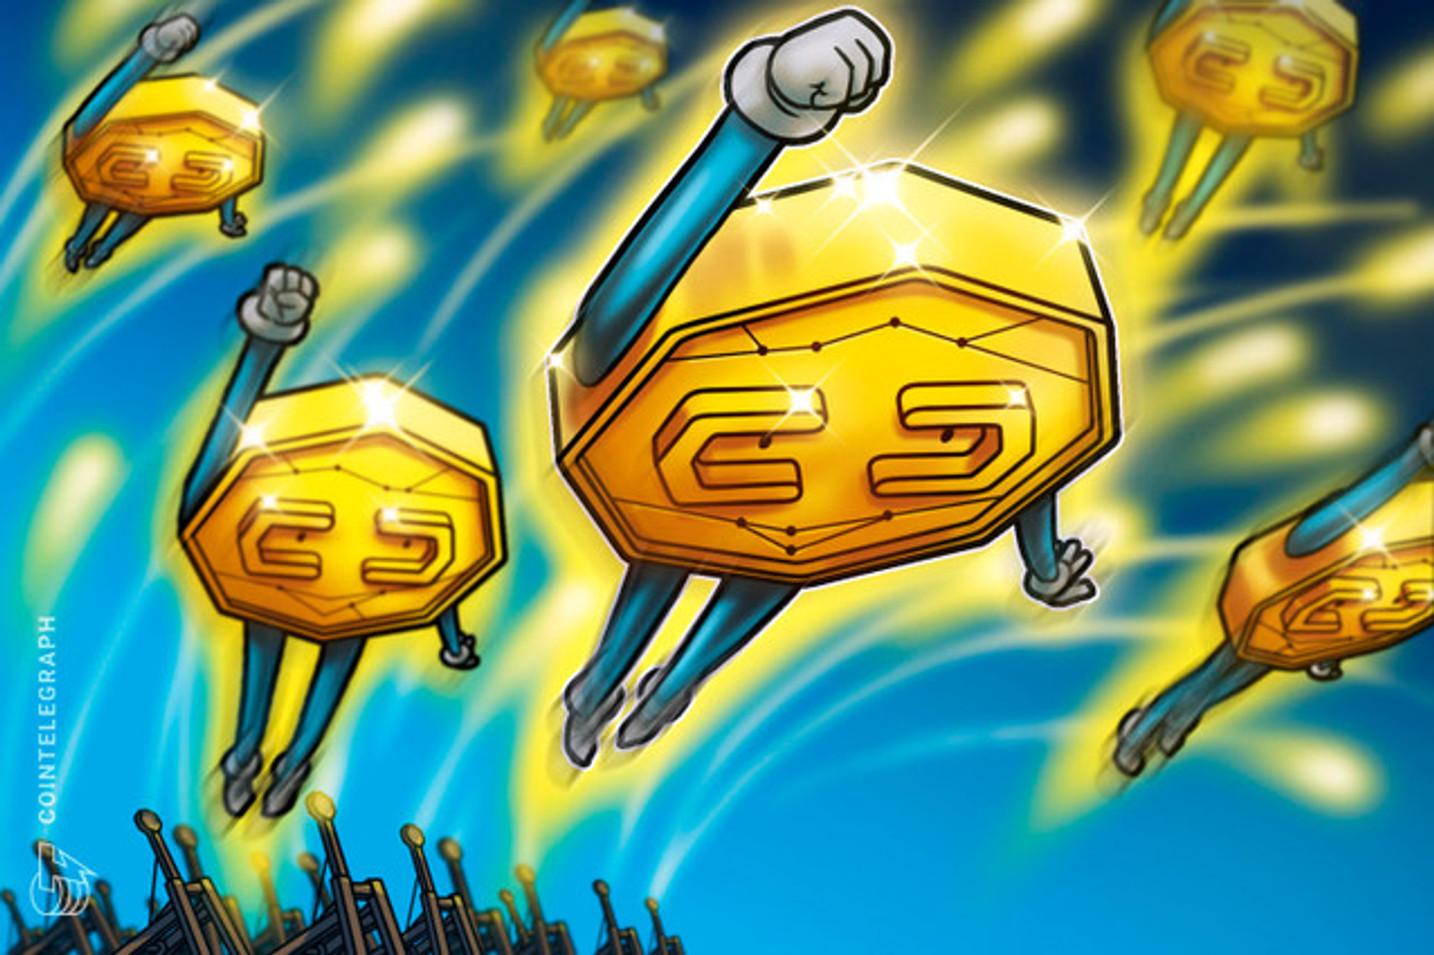 ¿Cuál es la diferencia entre token, criptomoneda, moneda virtual y moneda digital?